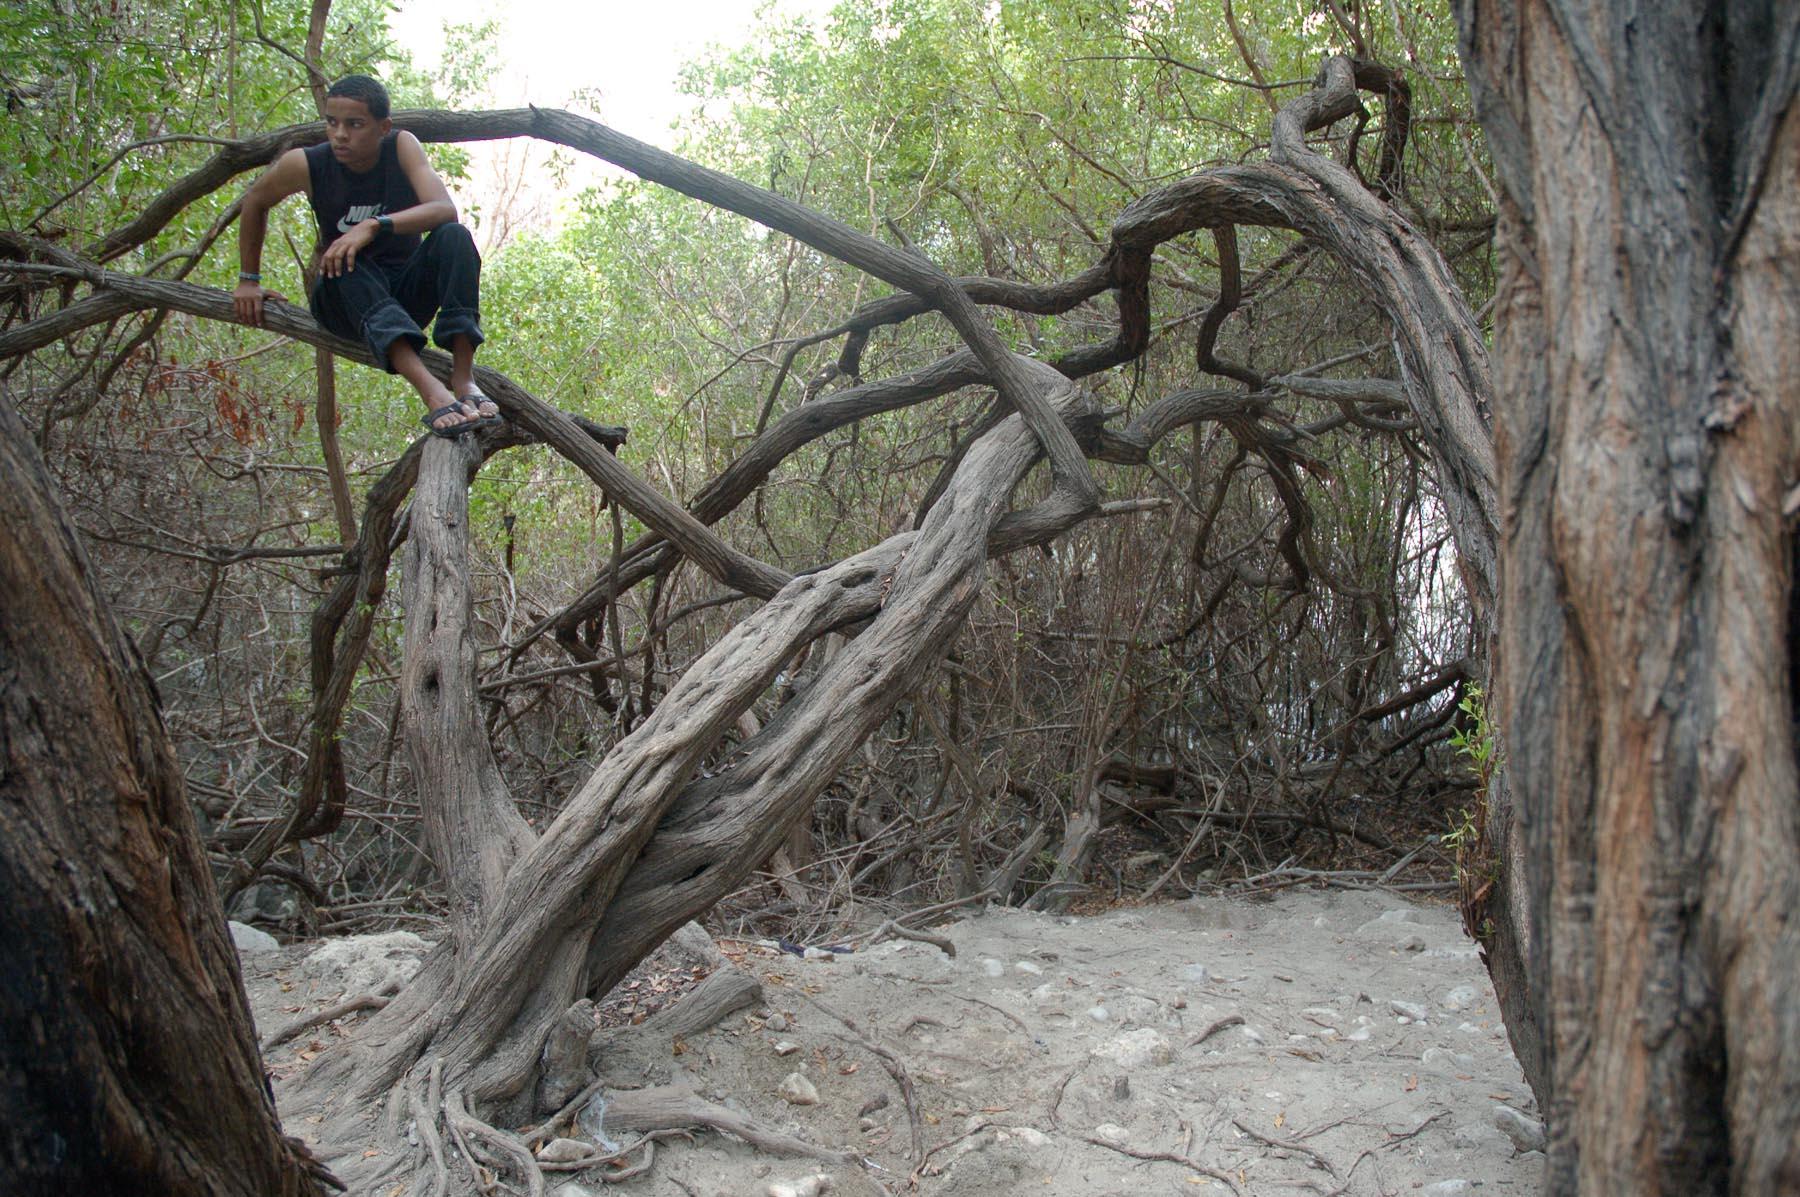 Boy in Tree, 2006. Lago Enriquillo, Bahoruco, R.D.